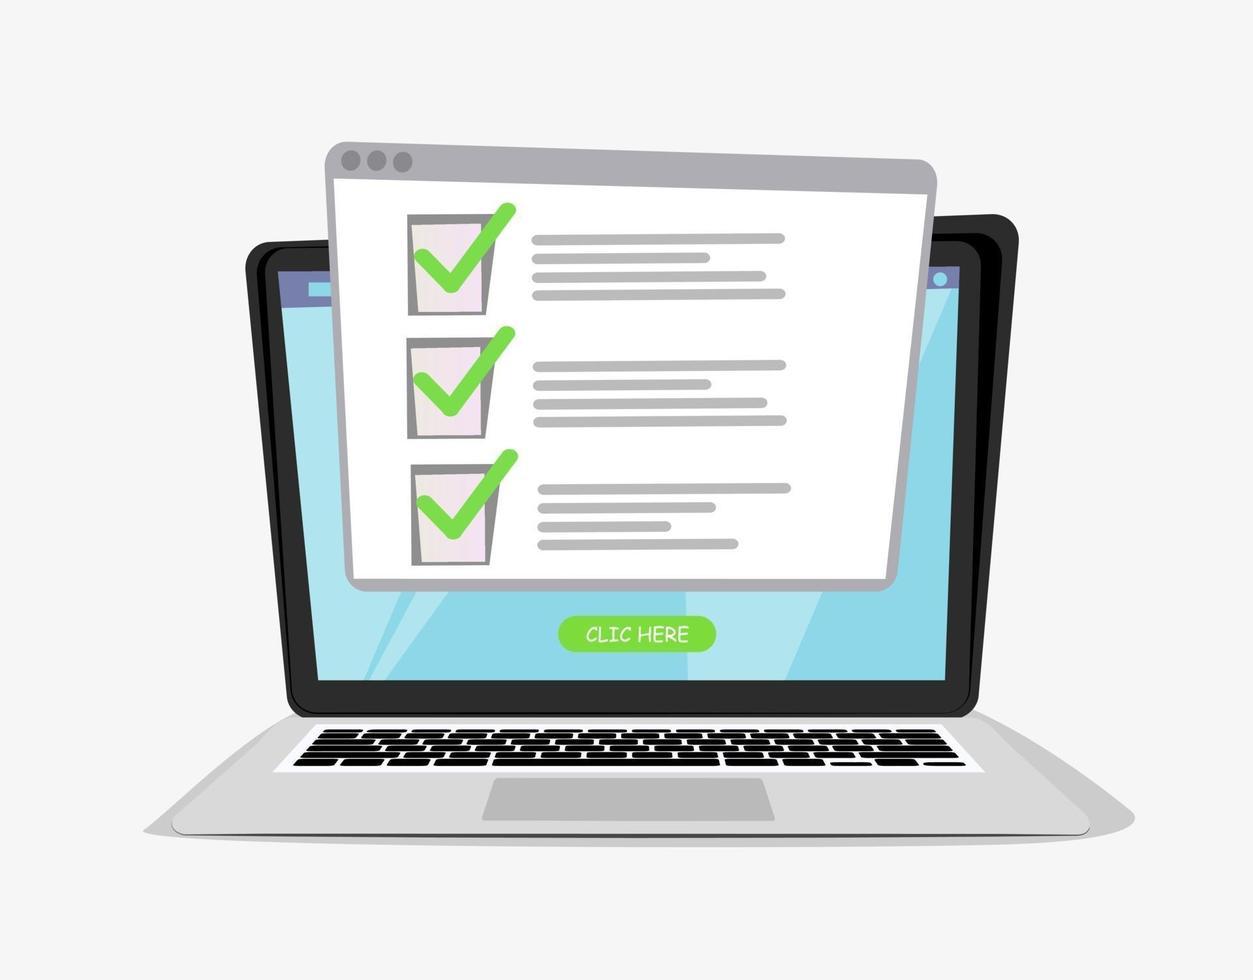 Computer Laptop mit Online-Quiz Formular Checkliste auf dem Bildschirm. Online-Checkliste auf dem Laptop-Display. Abbildung der Checkliste, Umfrage Online-Laptop. vektor